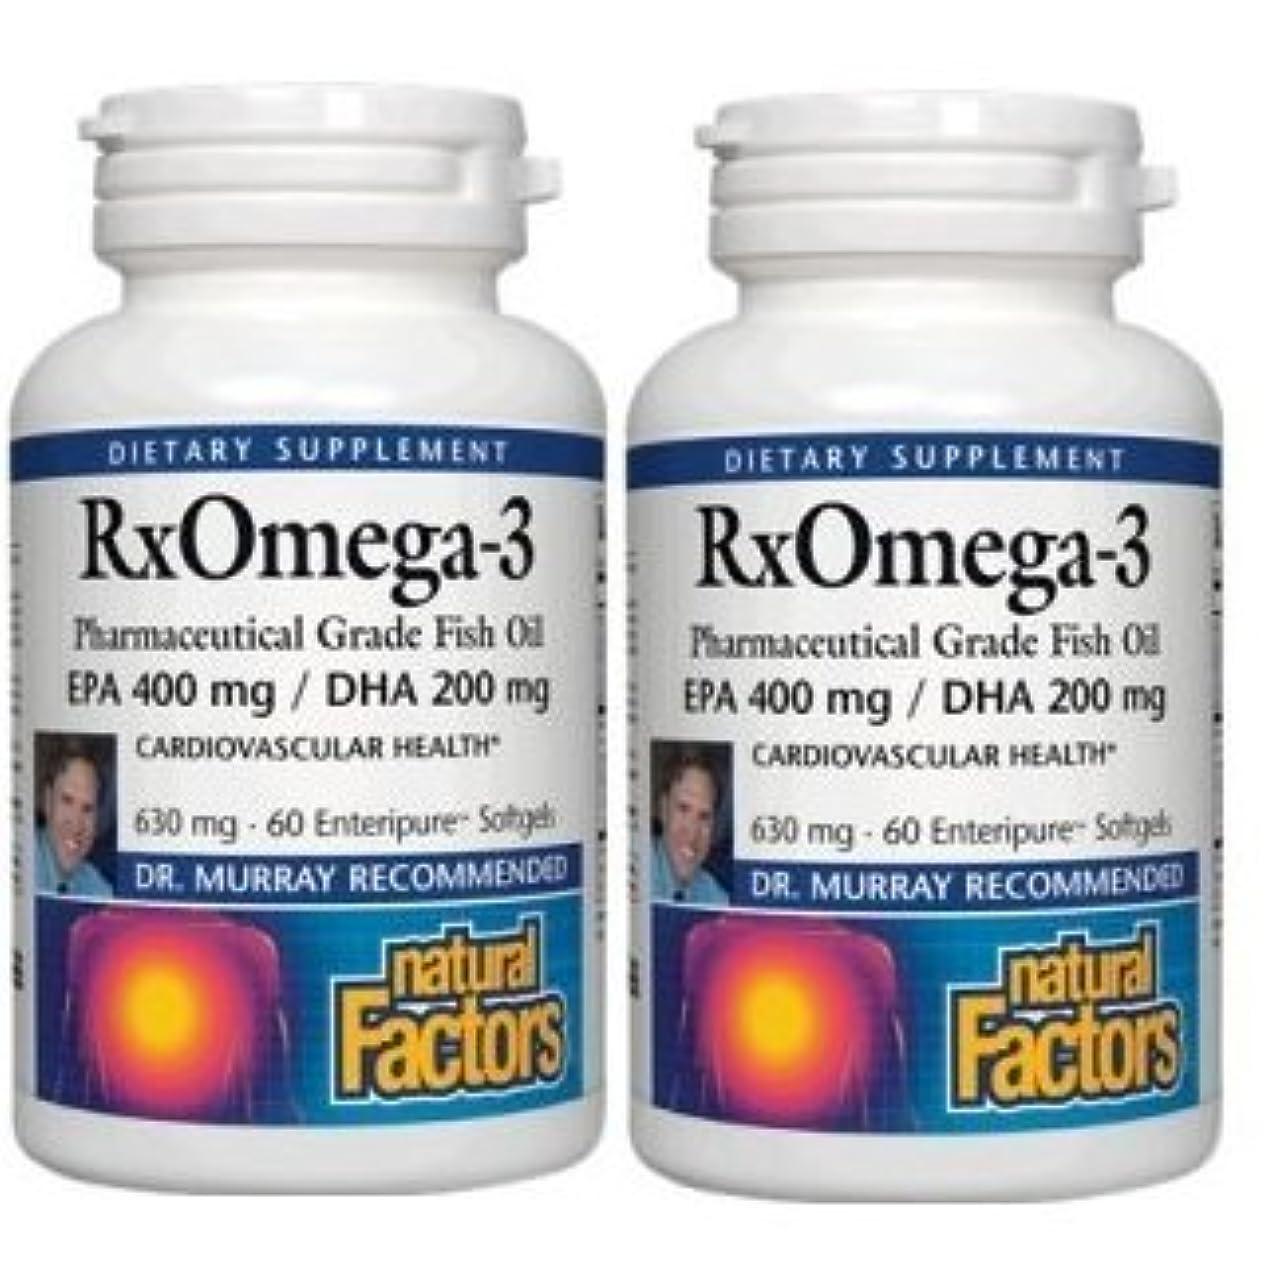 明らかにするオプショナルブラウズ【2本セット】【海外直送品】Natural Factors - RxOmega-3 Factors EPA 400 mg/DHA 200 mg - 60ソフトジェル